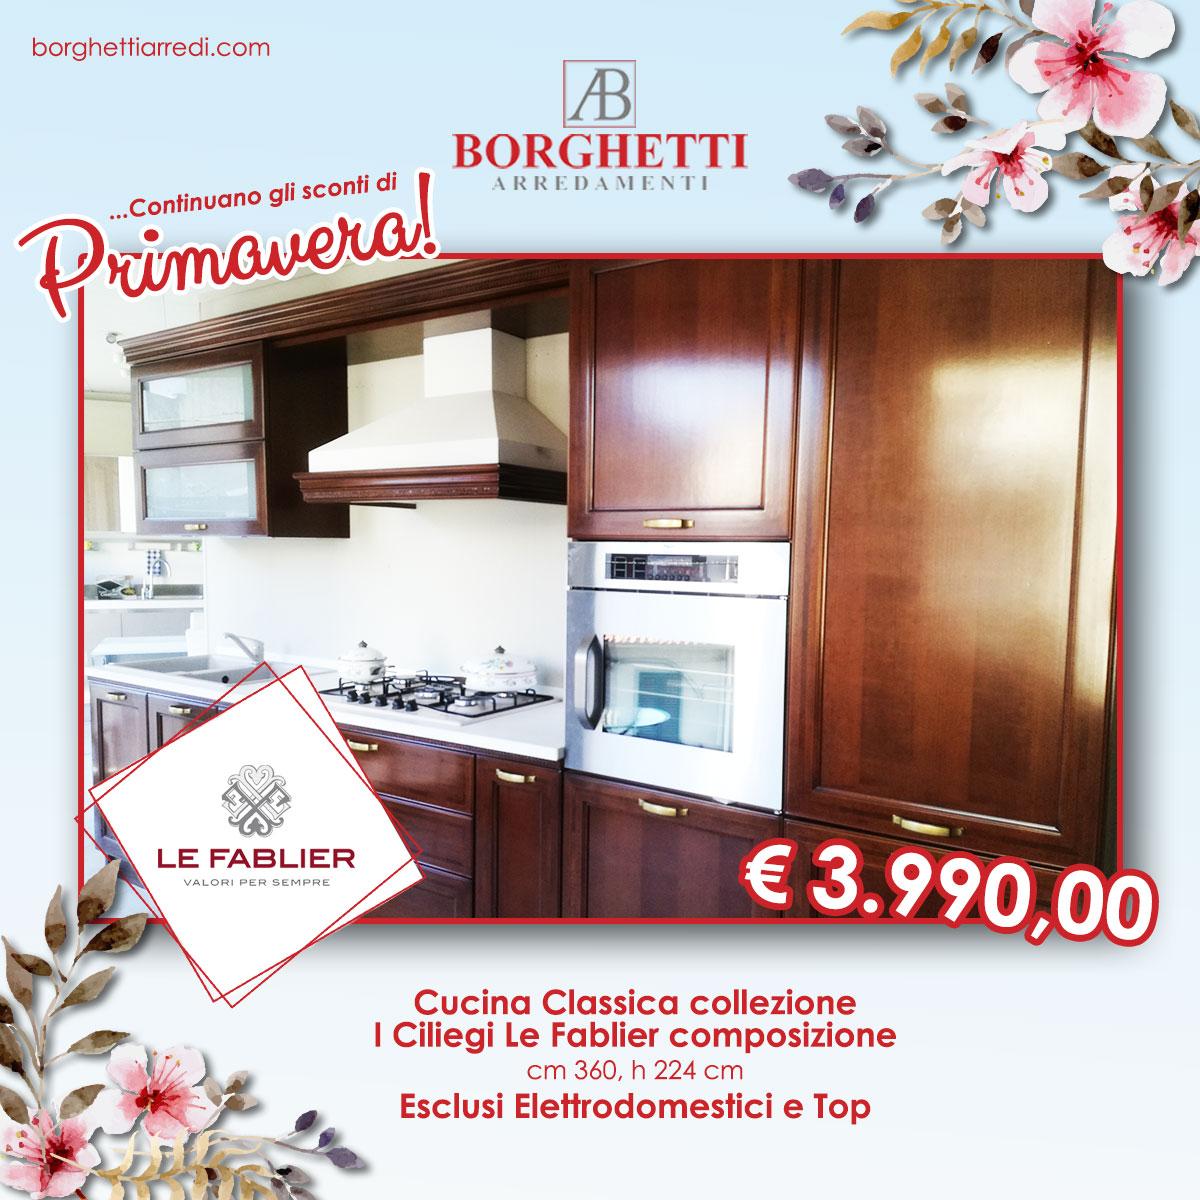 categoria - news - borghetti arredi - Soggiorno I Ciliegi Le Fablier